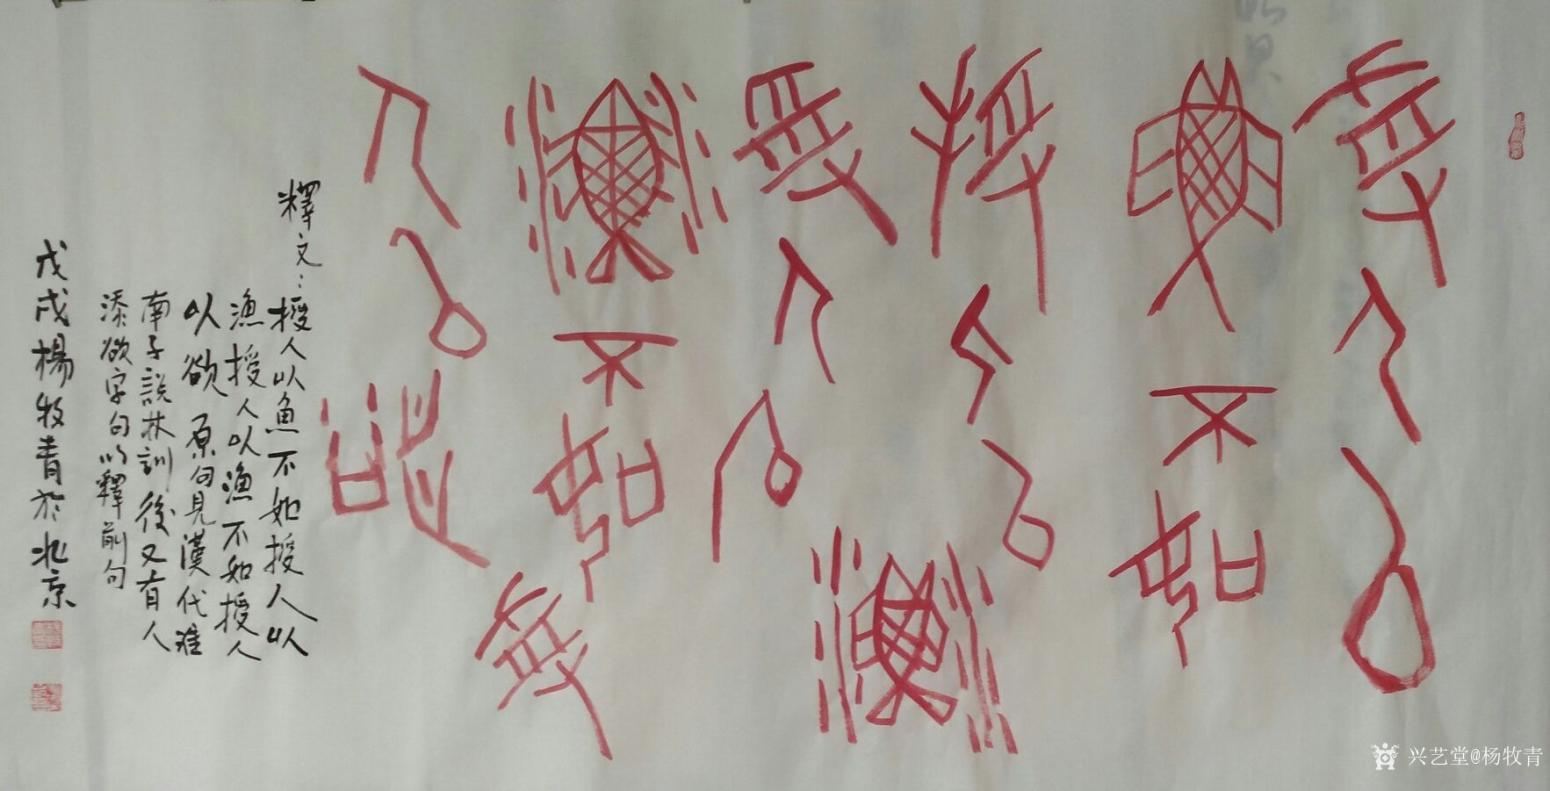 杨牧青书法作品《甲骨文书法》